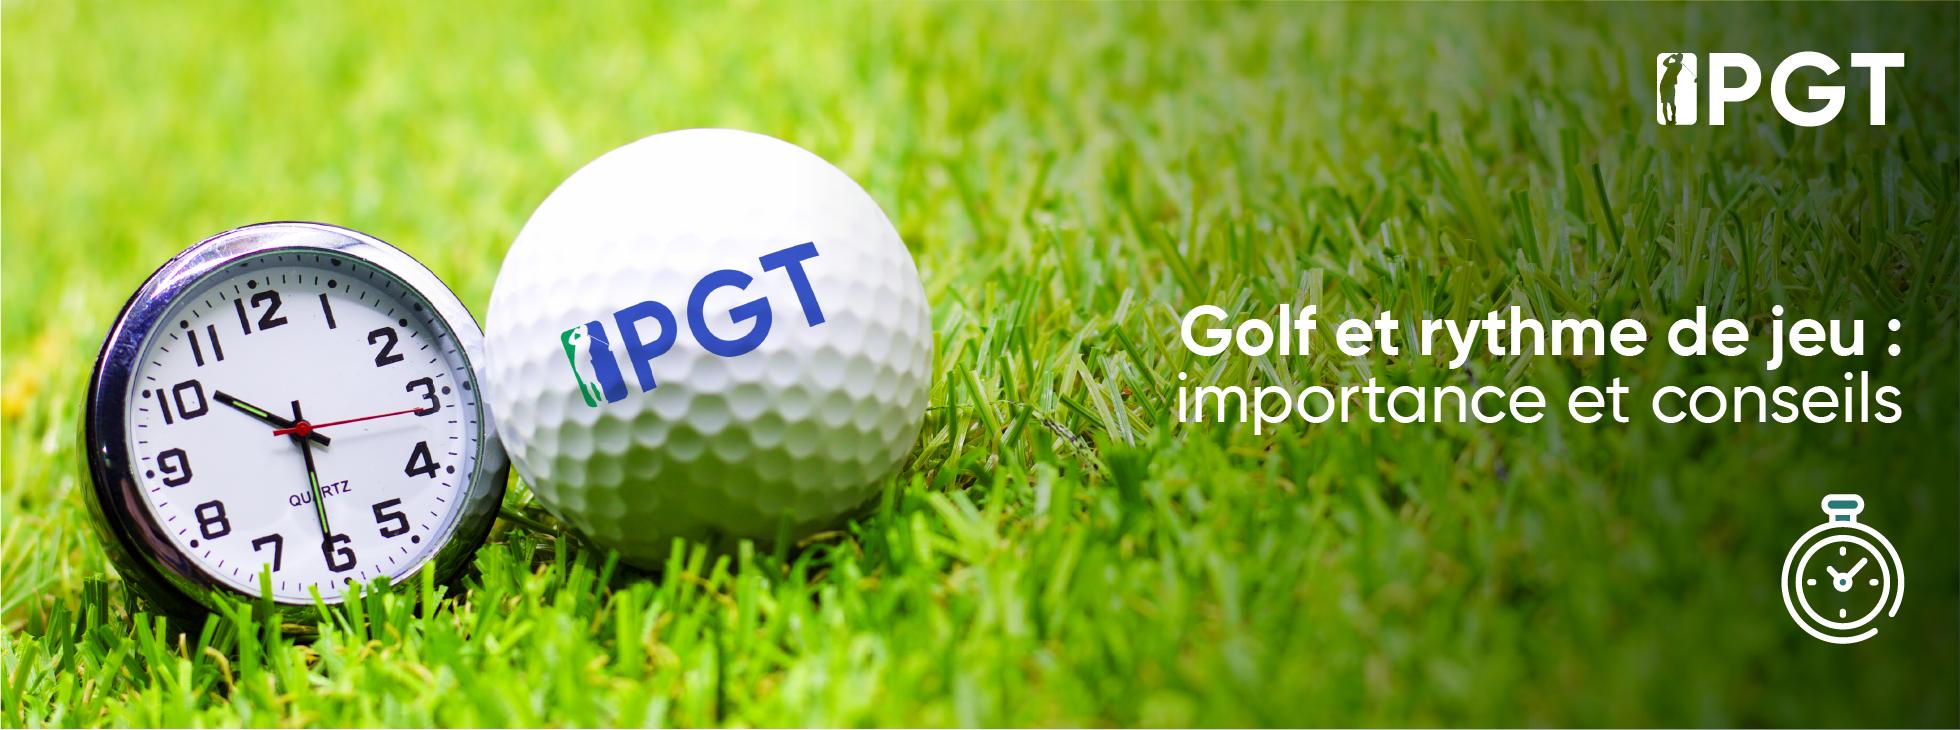 Golf et rythme de jeu